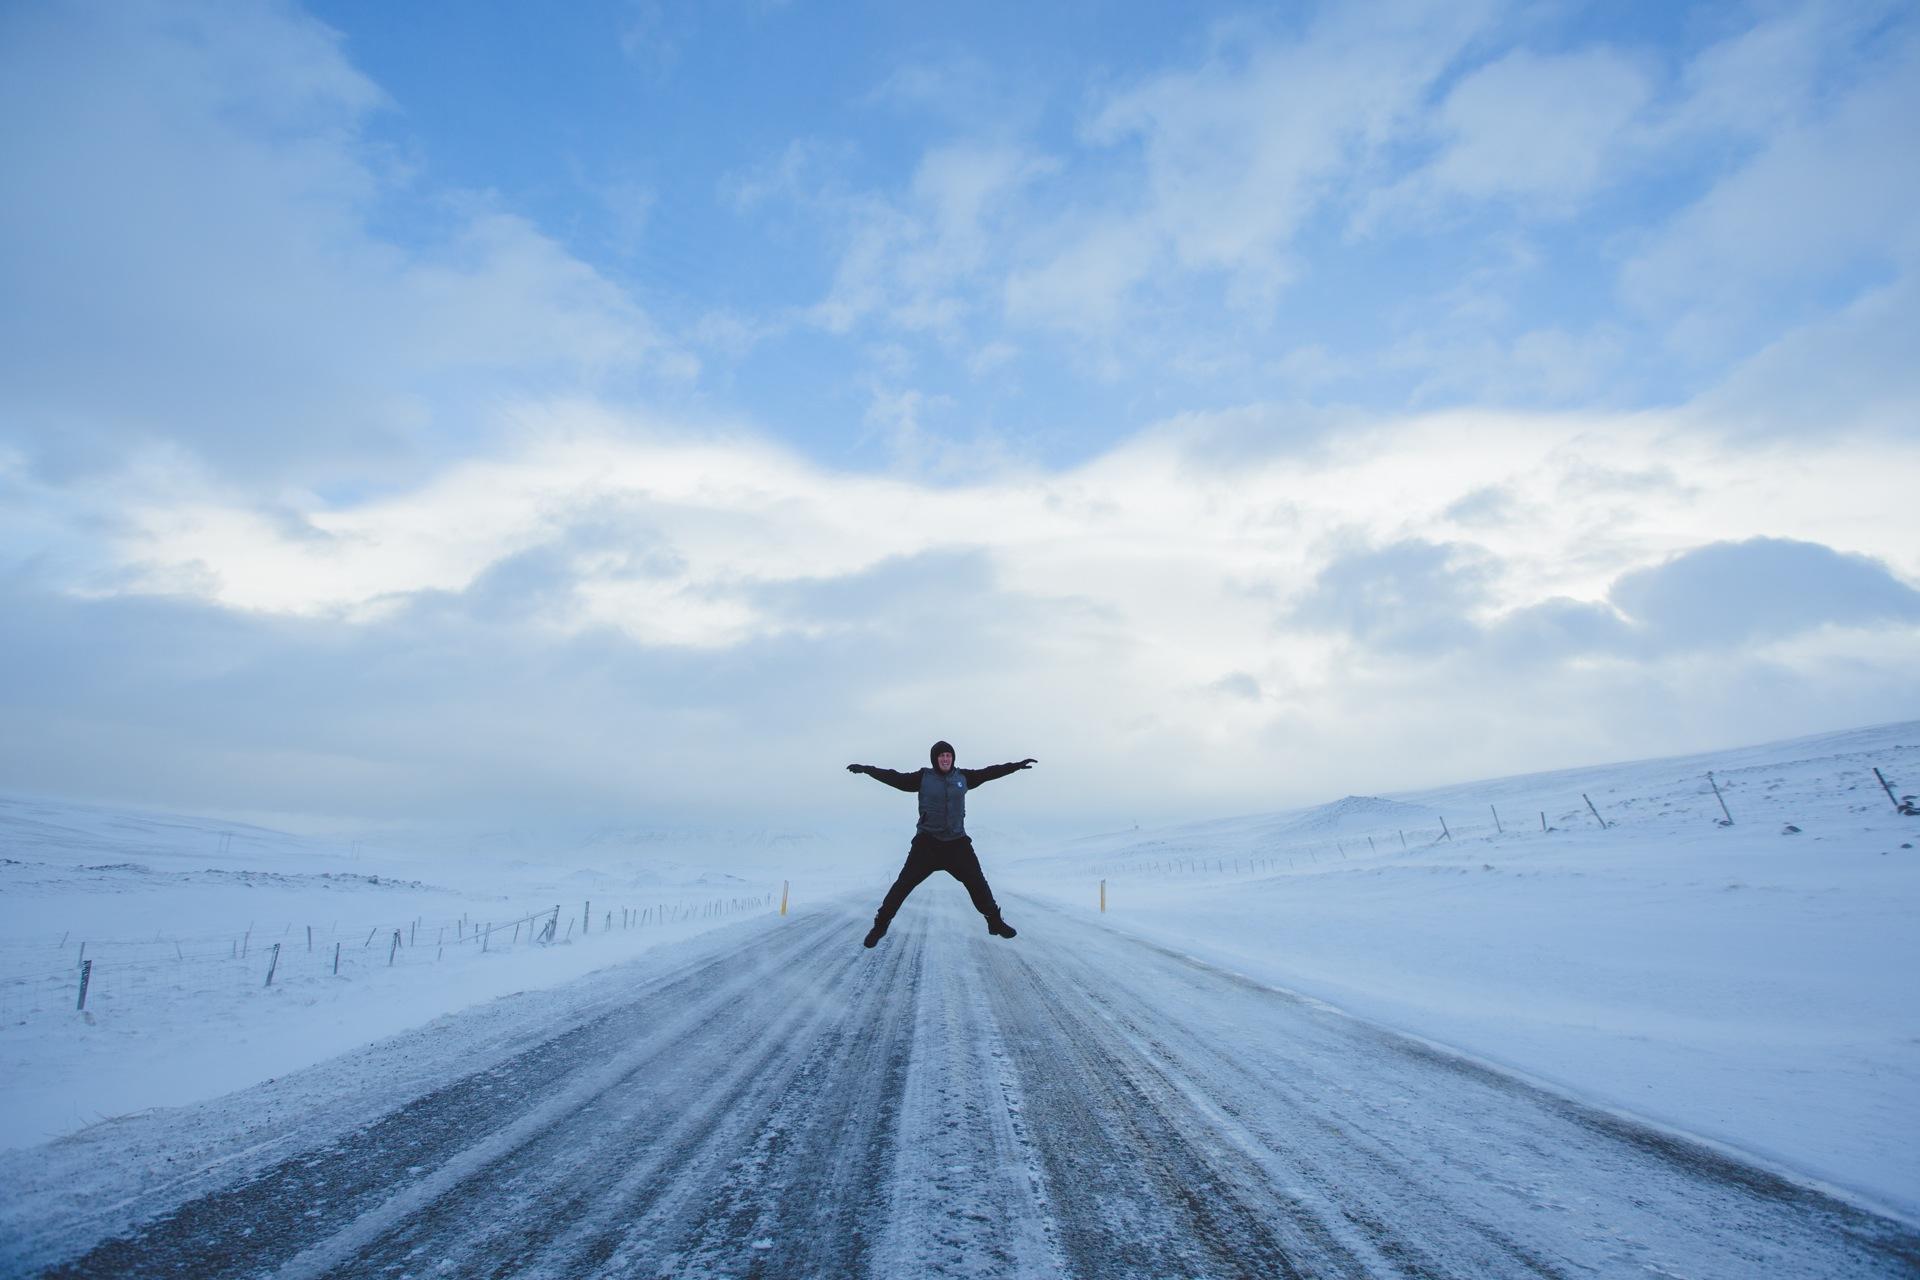 Iceland-2014-roadtrip-2.jpg